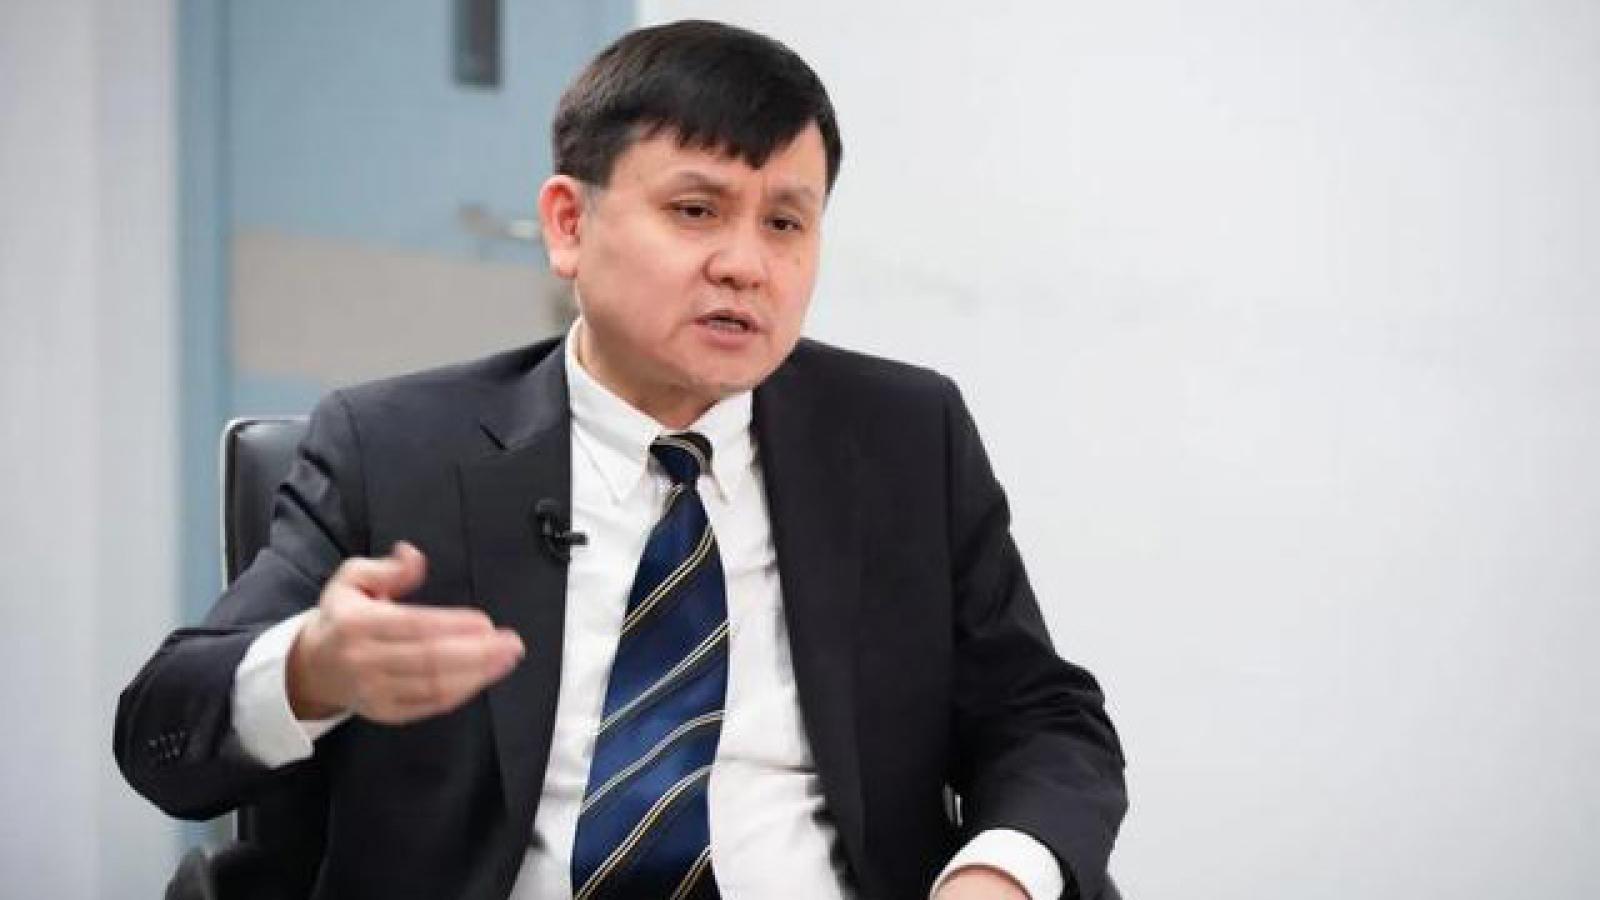 Chuyên gia Trung Quốc: dịch Covid-19 tại Bắc Kinh chưa phải làn sóng 2